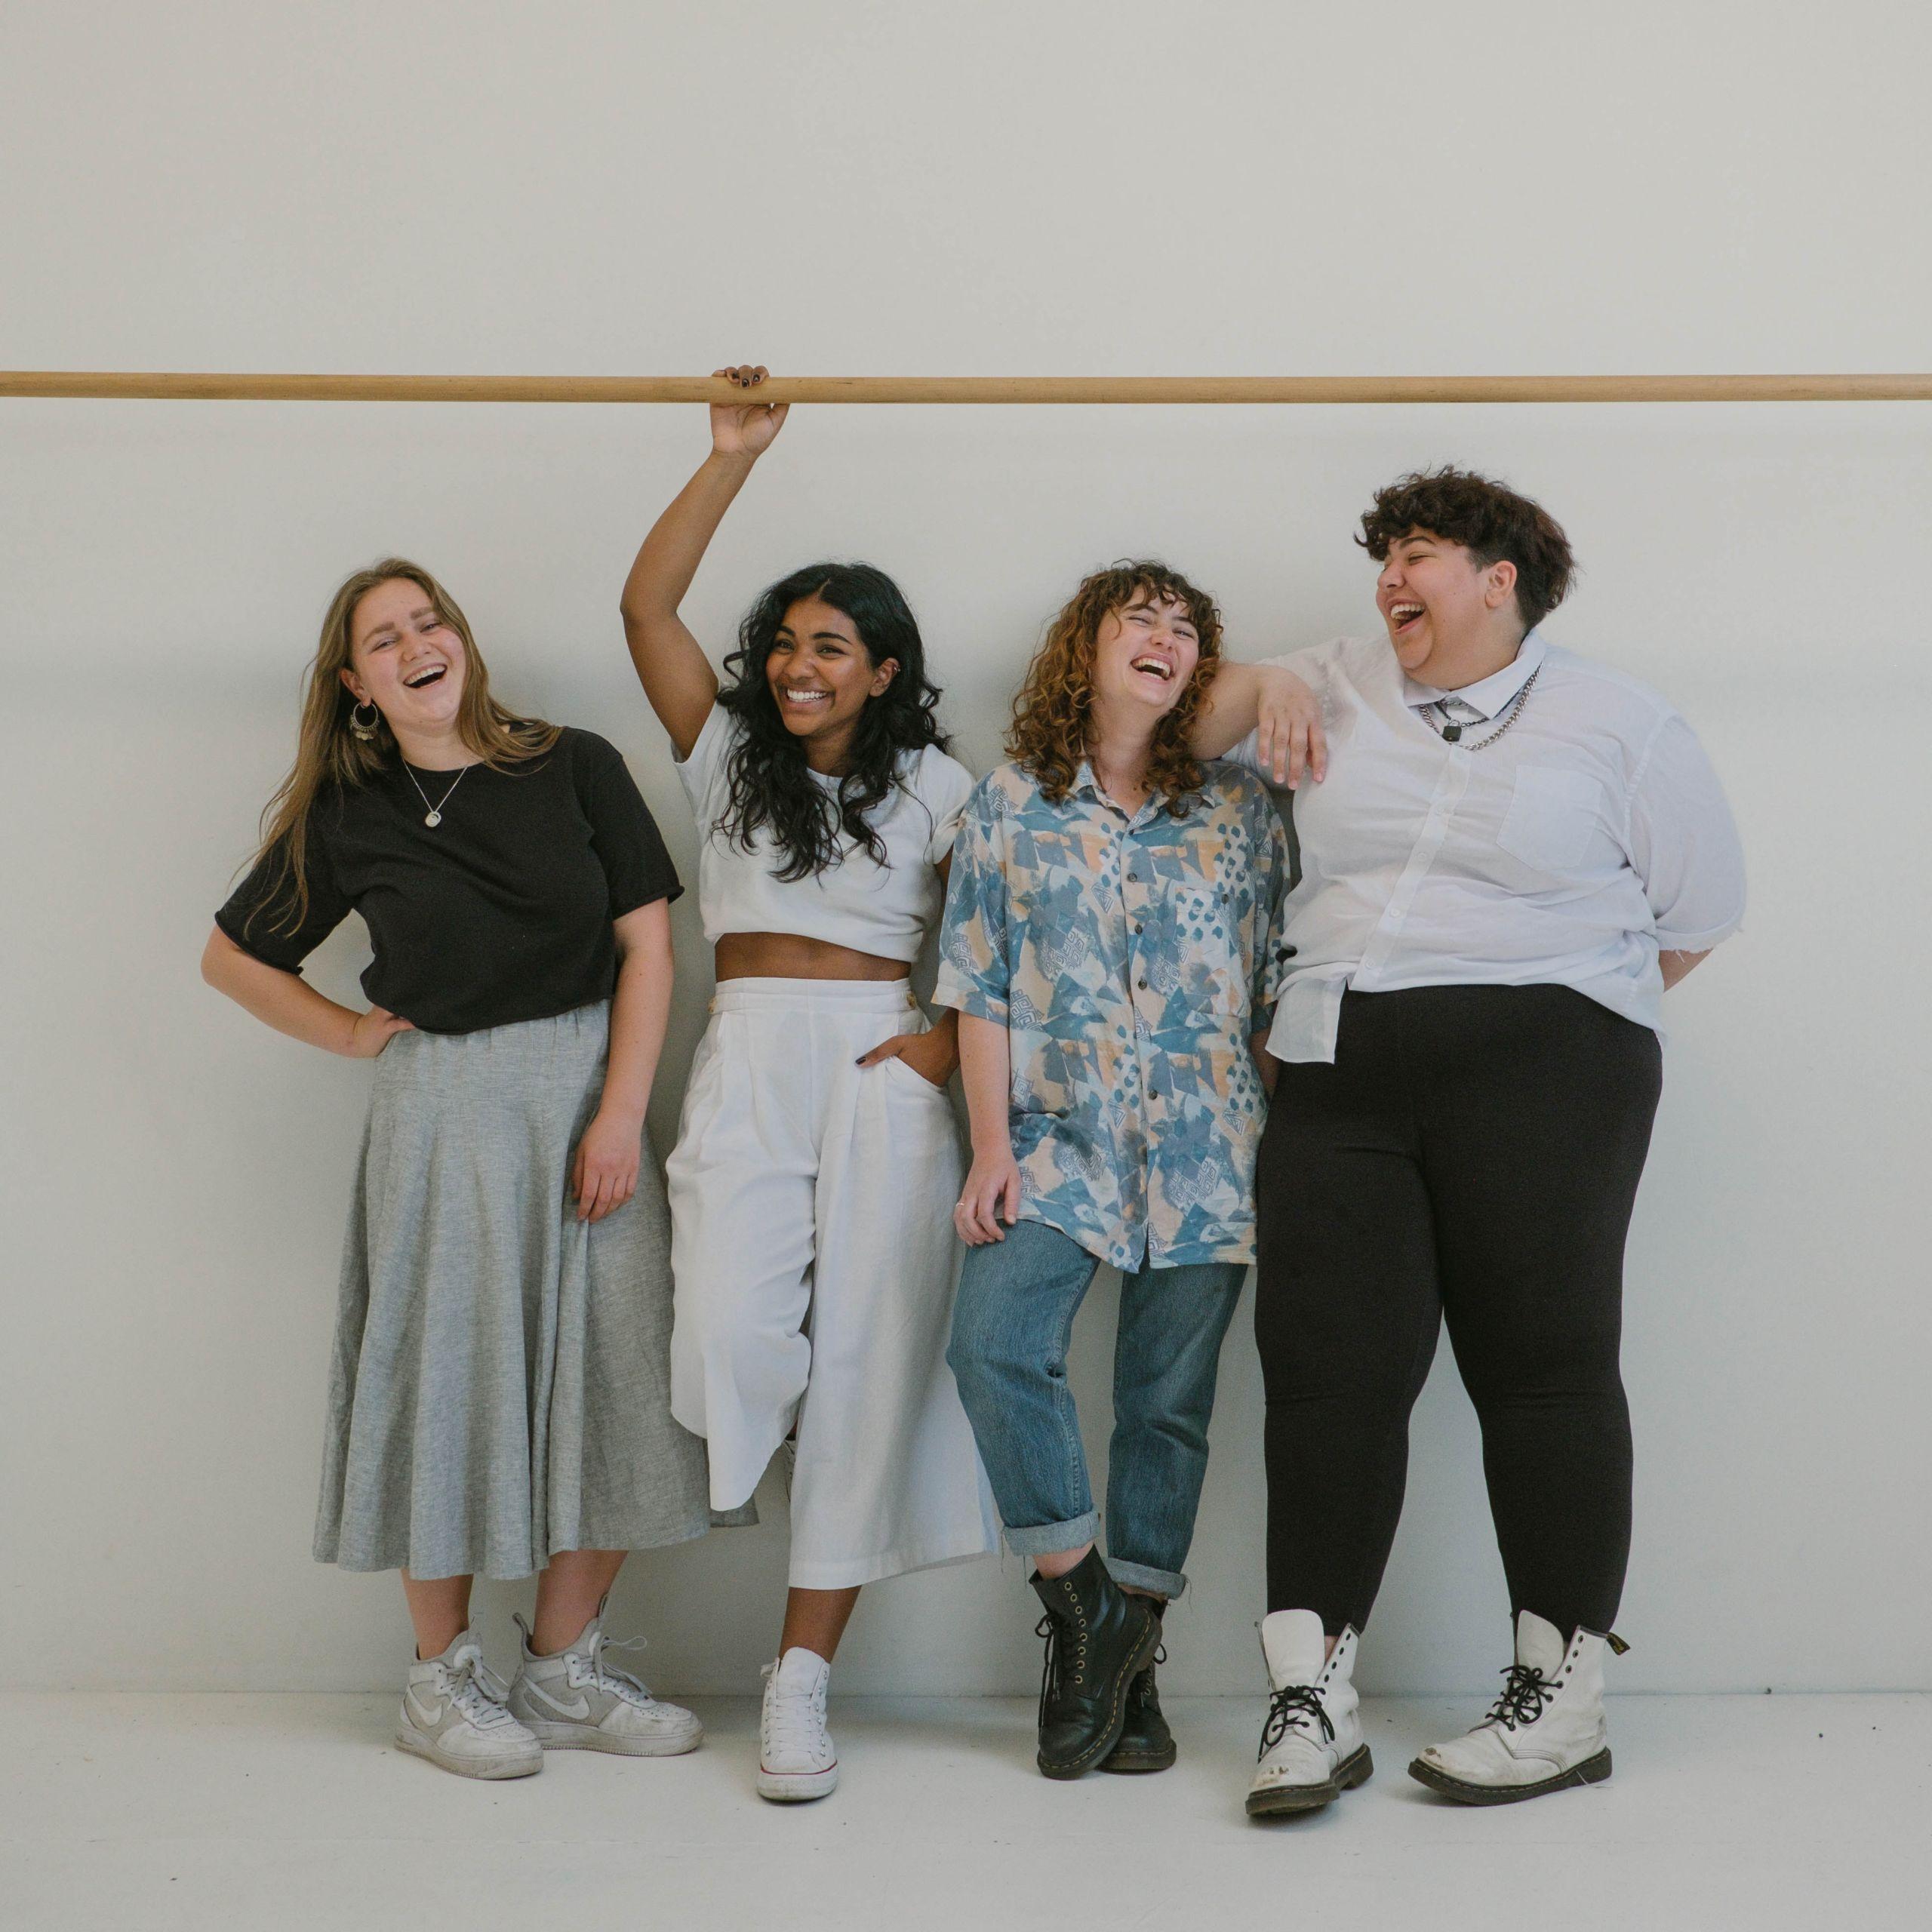 vier Personen stehen nebeneinader vor einer Wand und lachen.